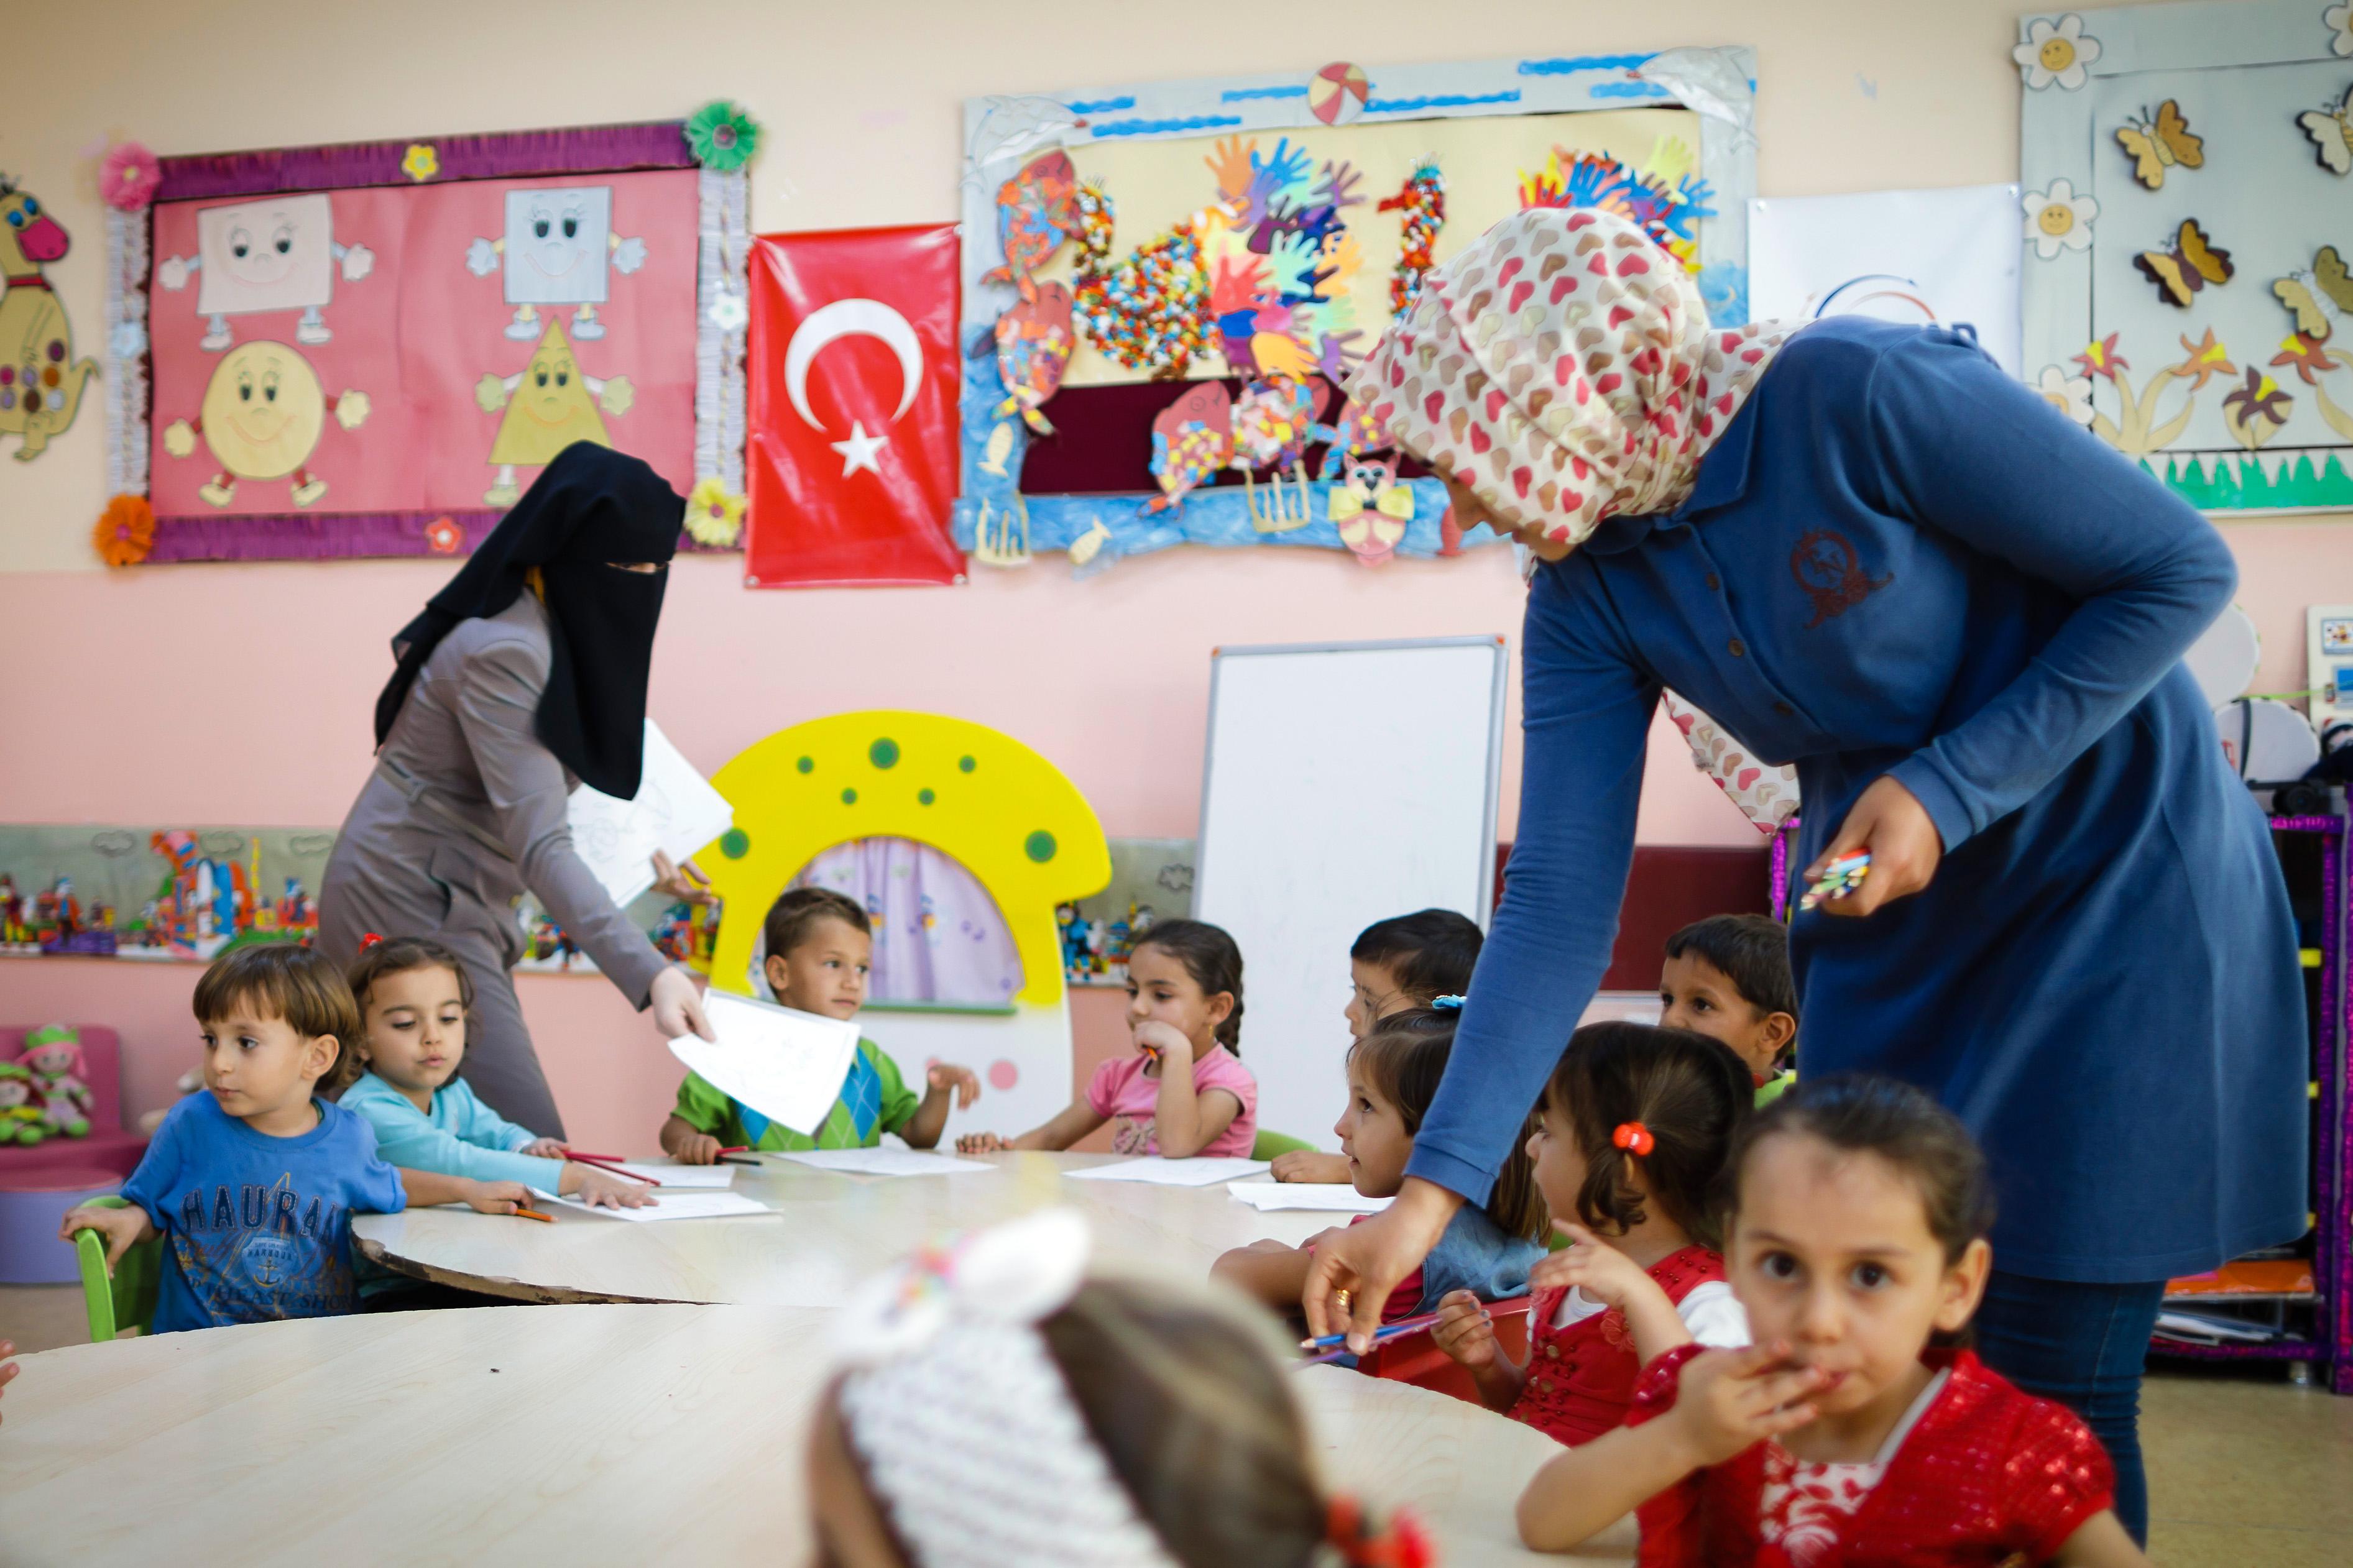 Zwei Lehrerinnen unterrichten syrische Kinder in einer Vorschule in einem Lager für Geflüchtete in der Türkei